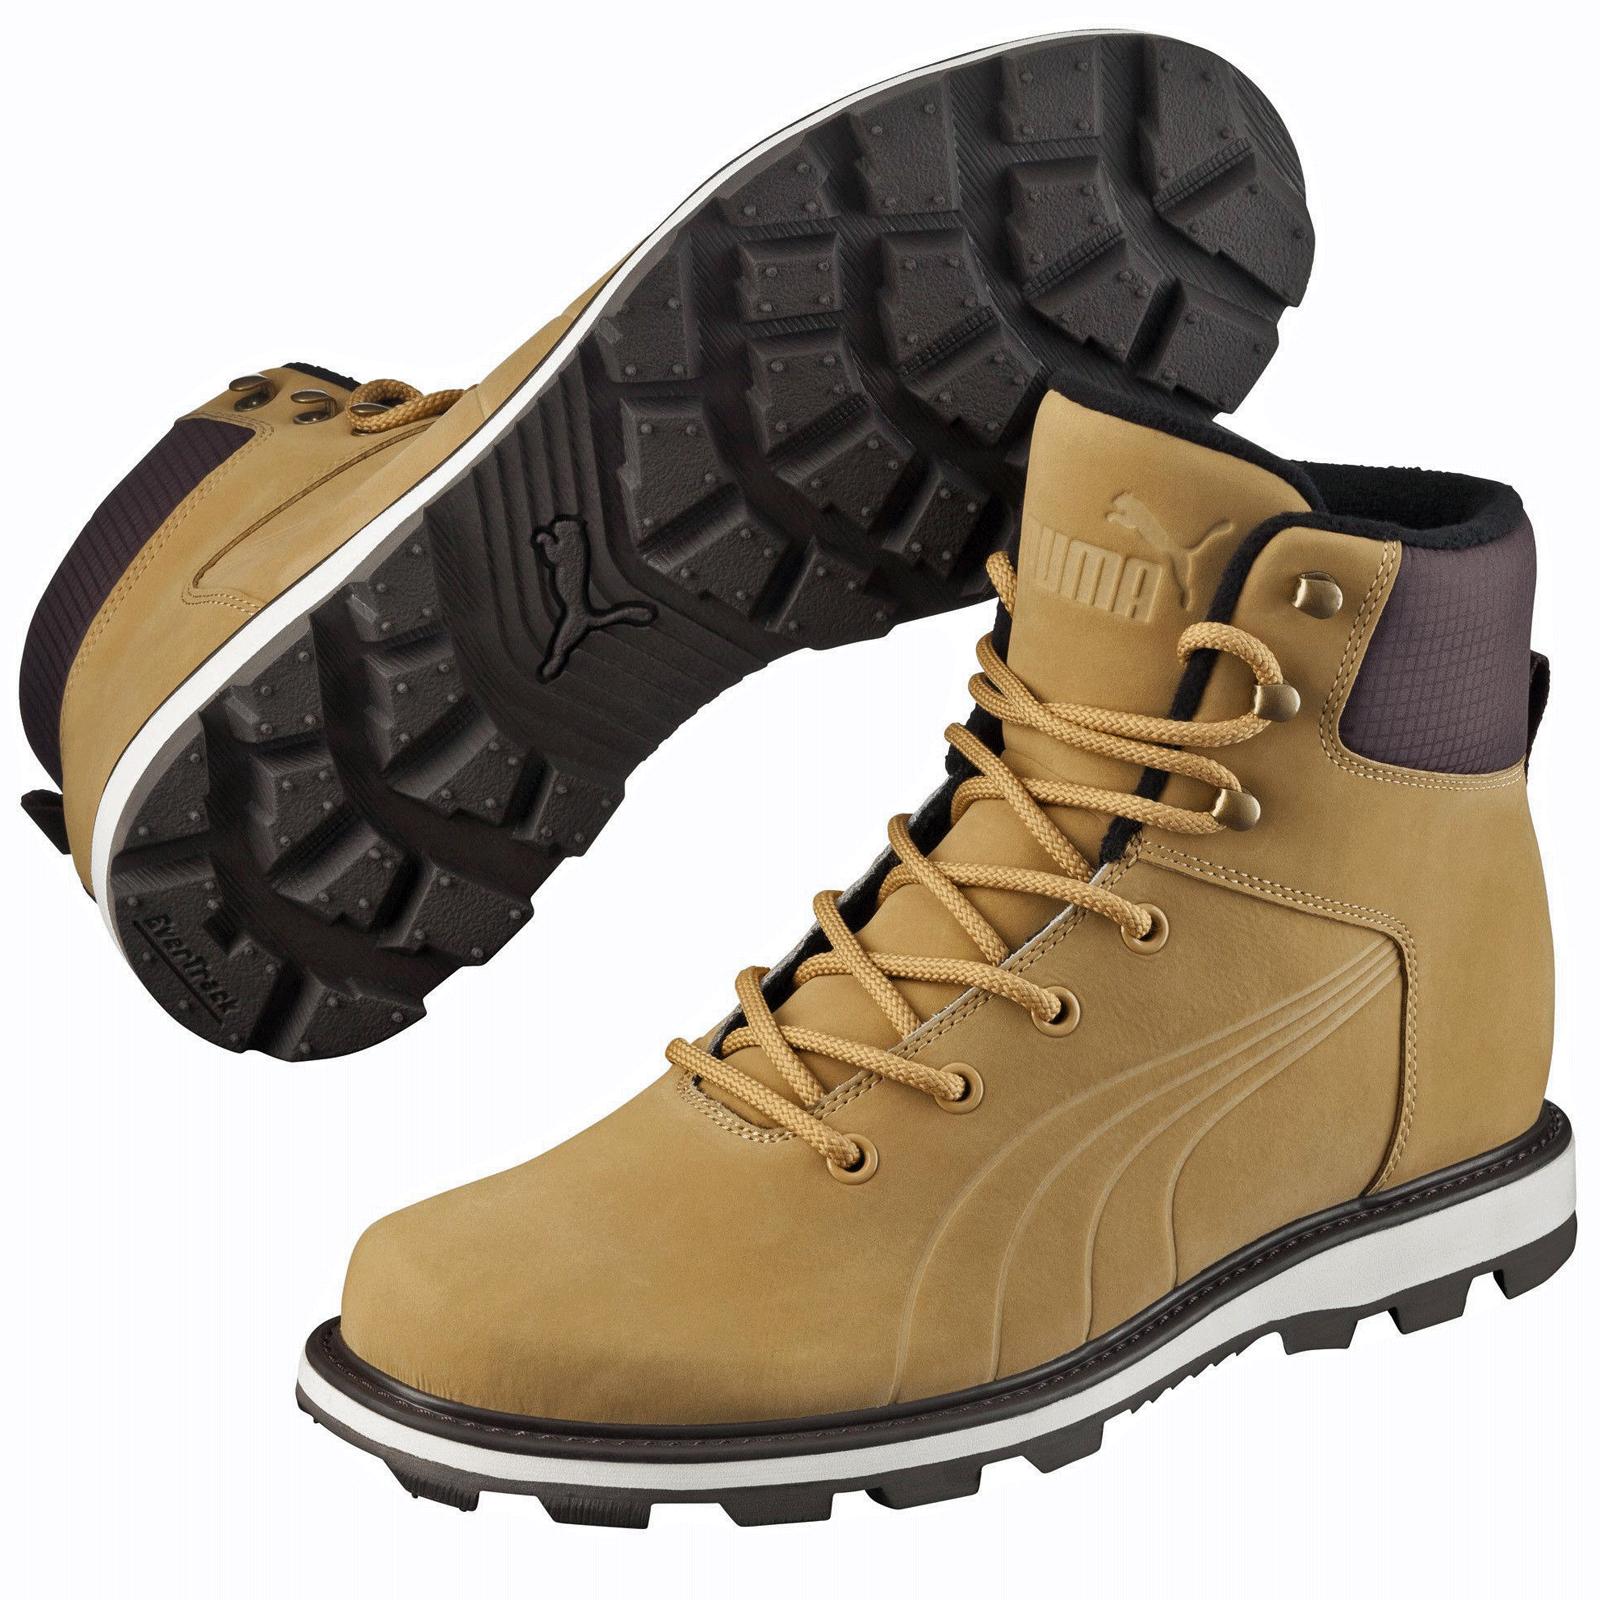 Puma Desierto Fun botas Herbst 36 Winter Zapatos Winterstiefel UNISEX 36 Herbst - 48,5 NEU a0f405